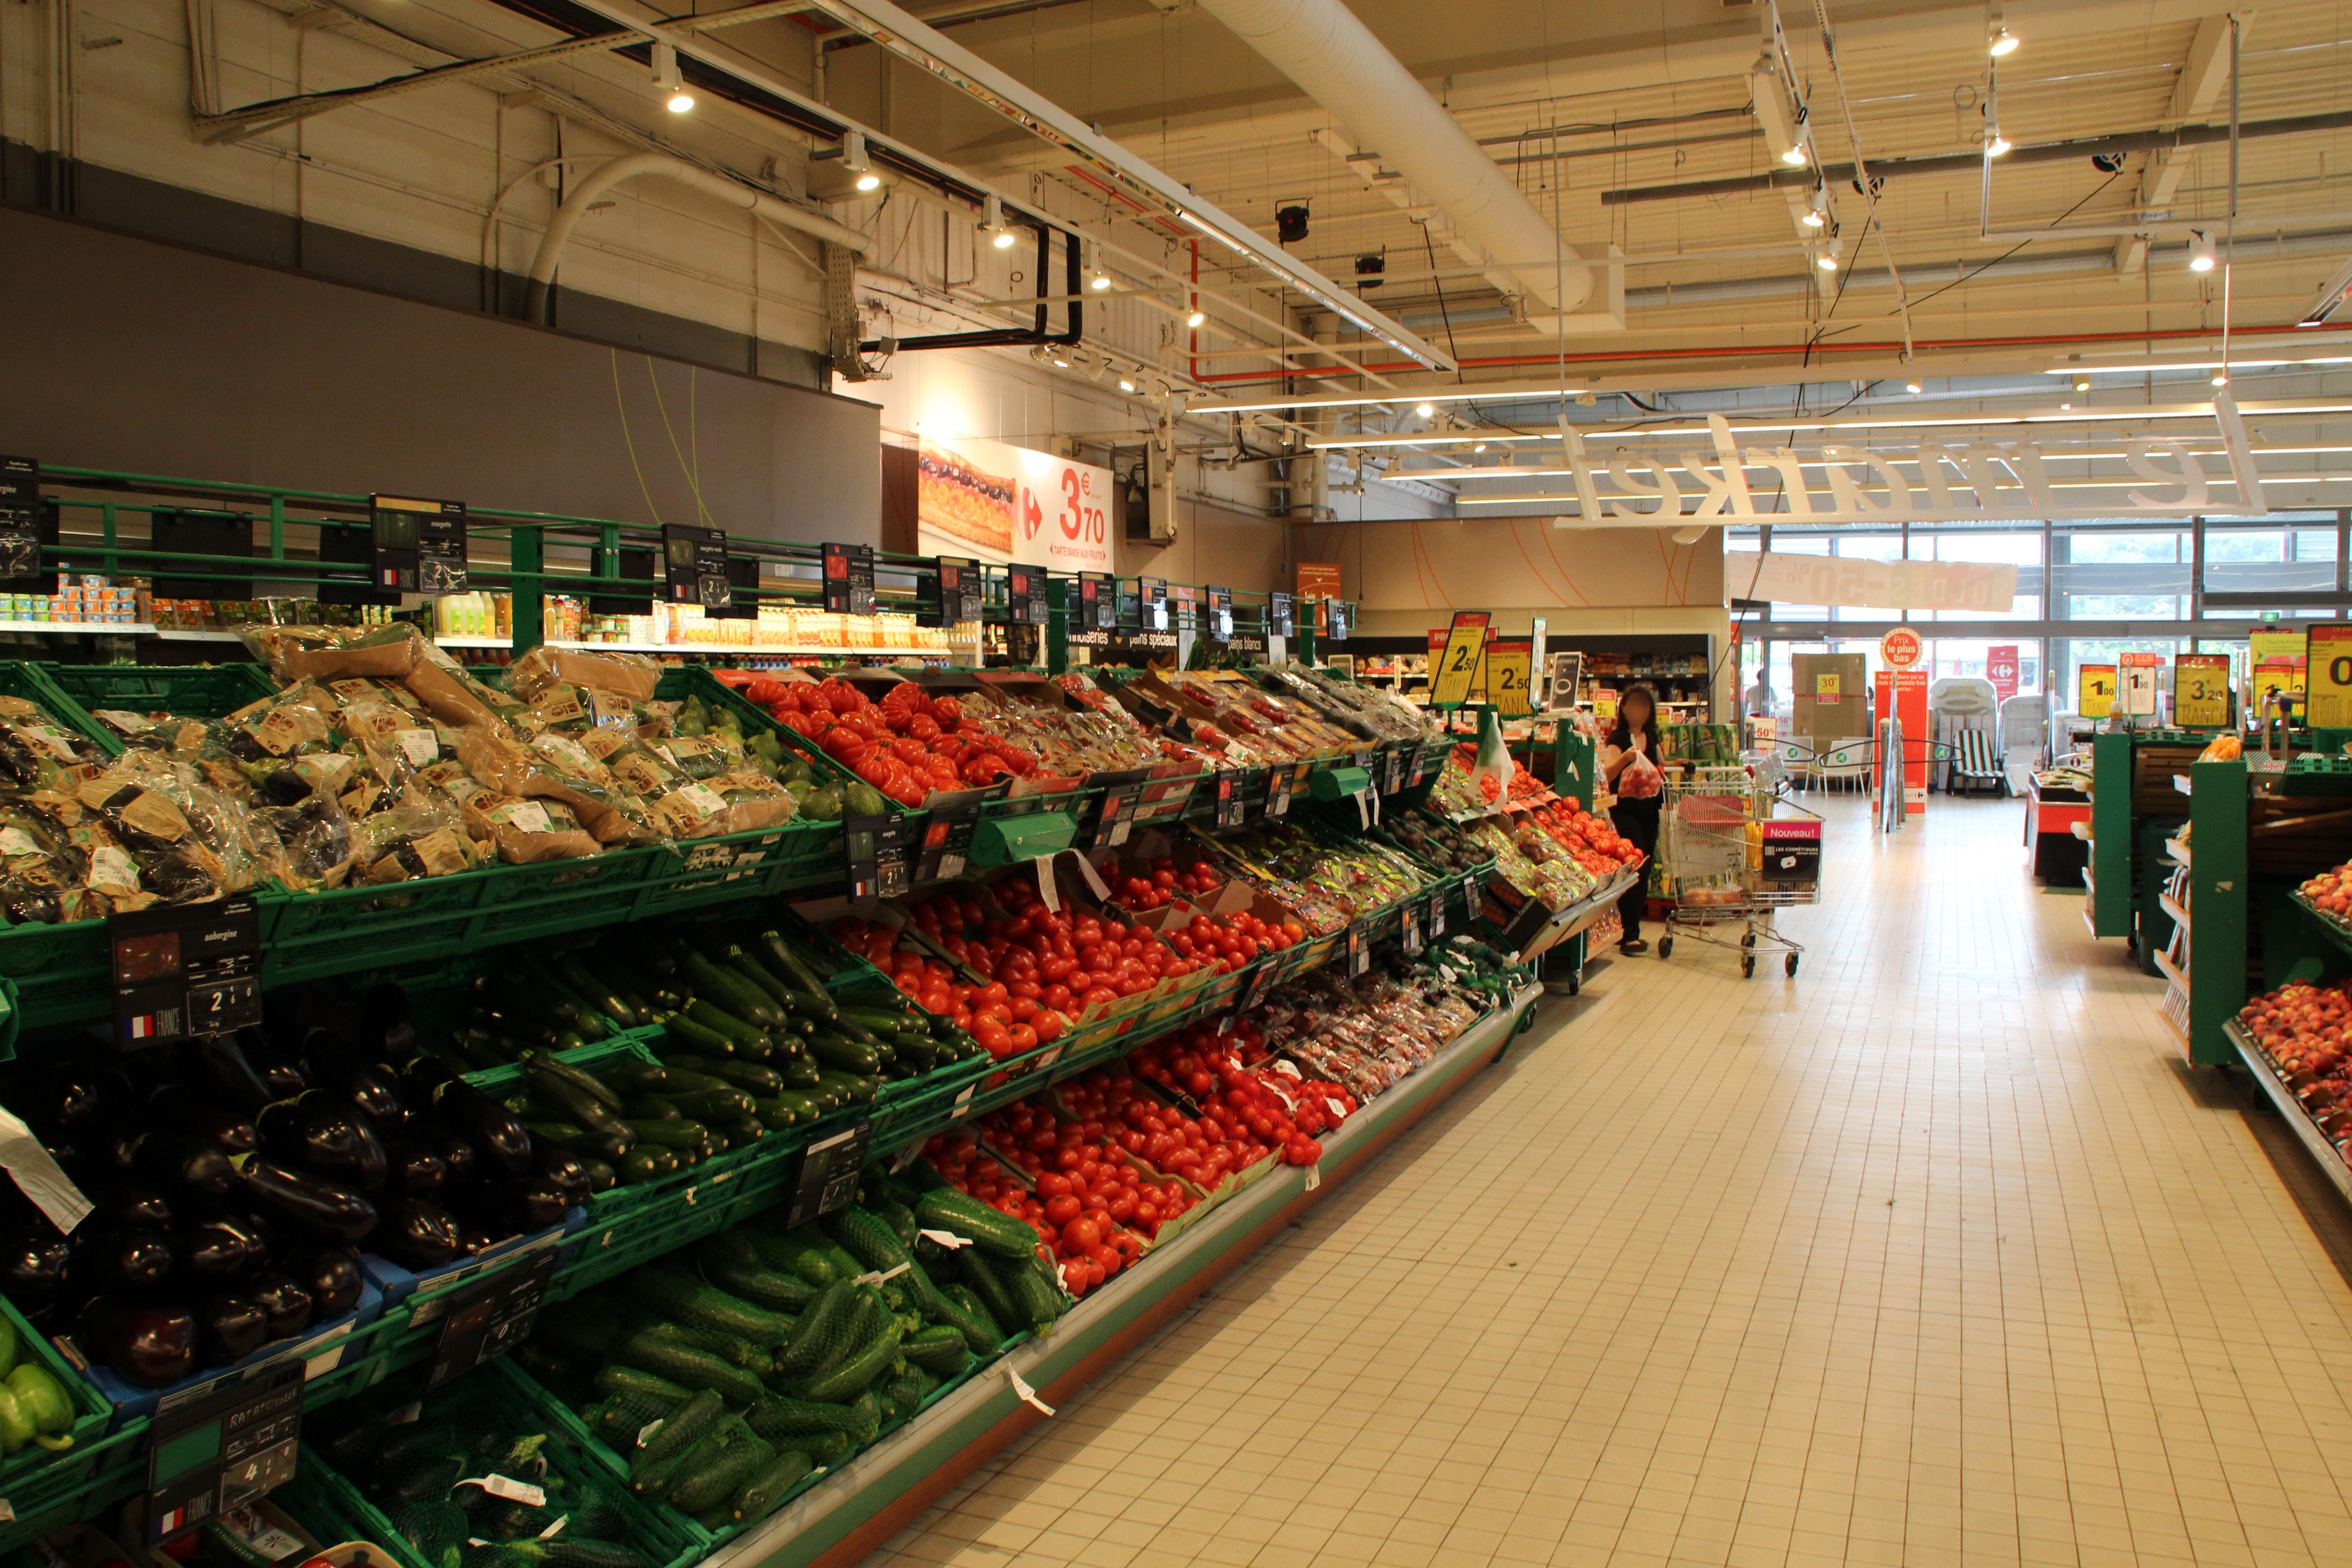 Voisins-le-Bretonneux France  city pictures gallery : Carrefour Market Voisins le Bretonneux 2012 06 Wikimedia ...